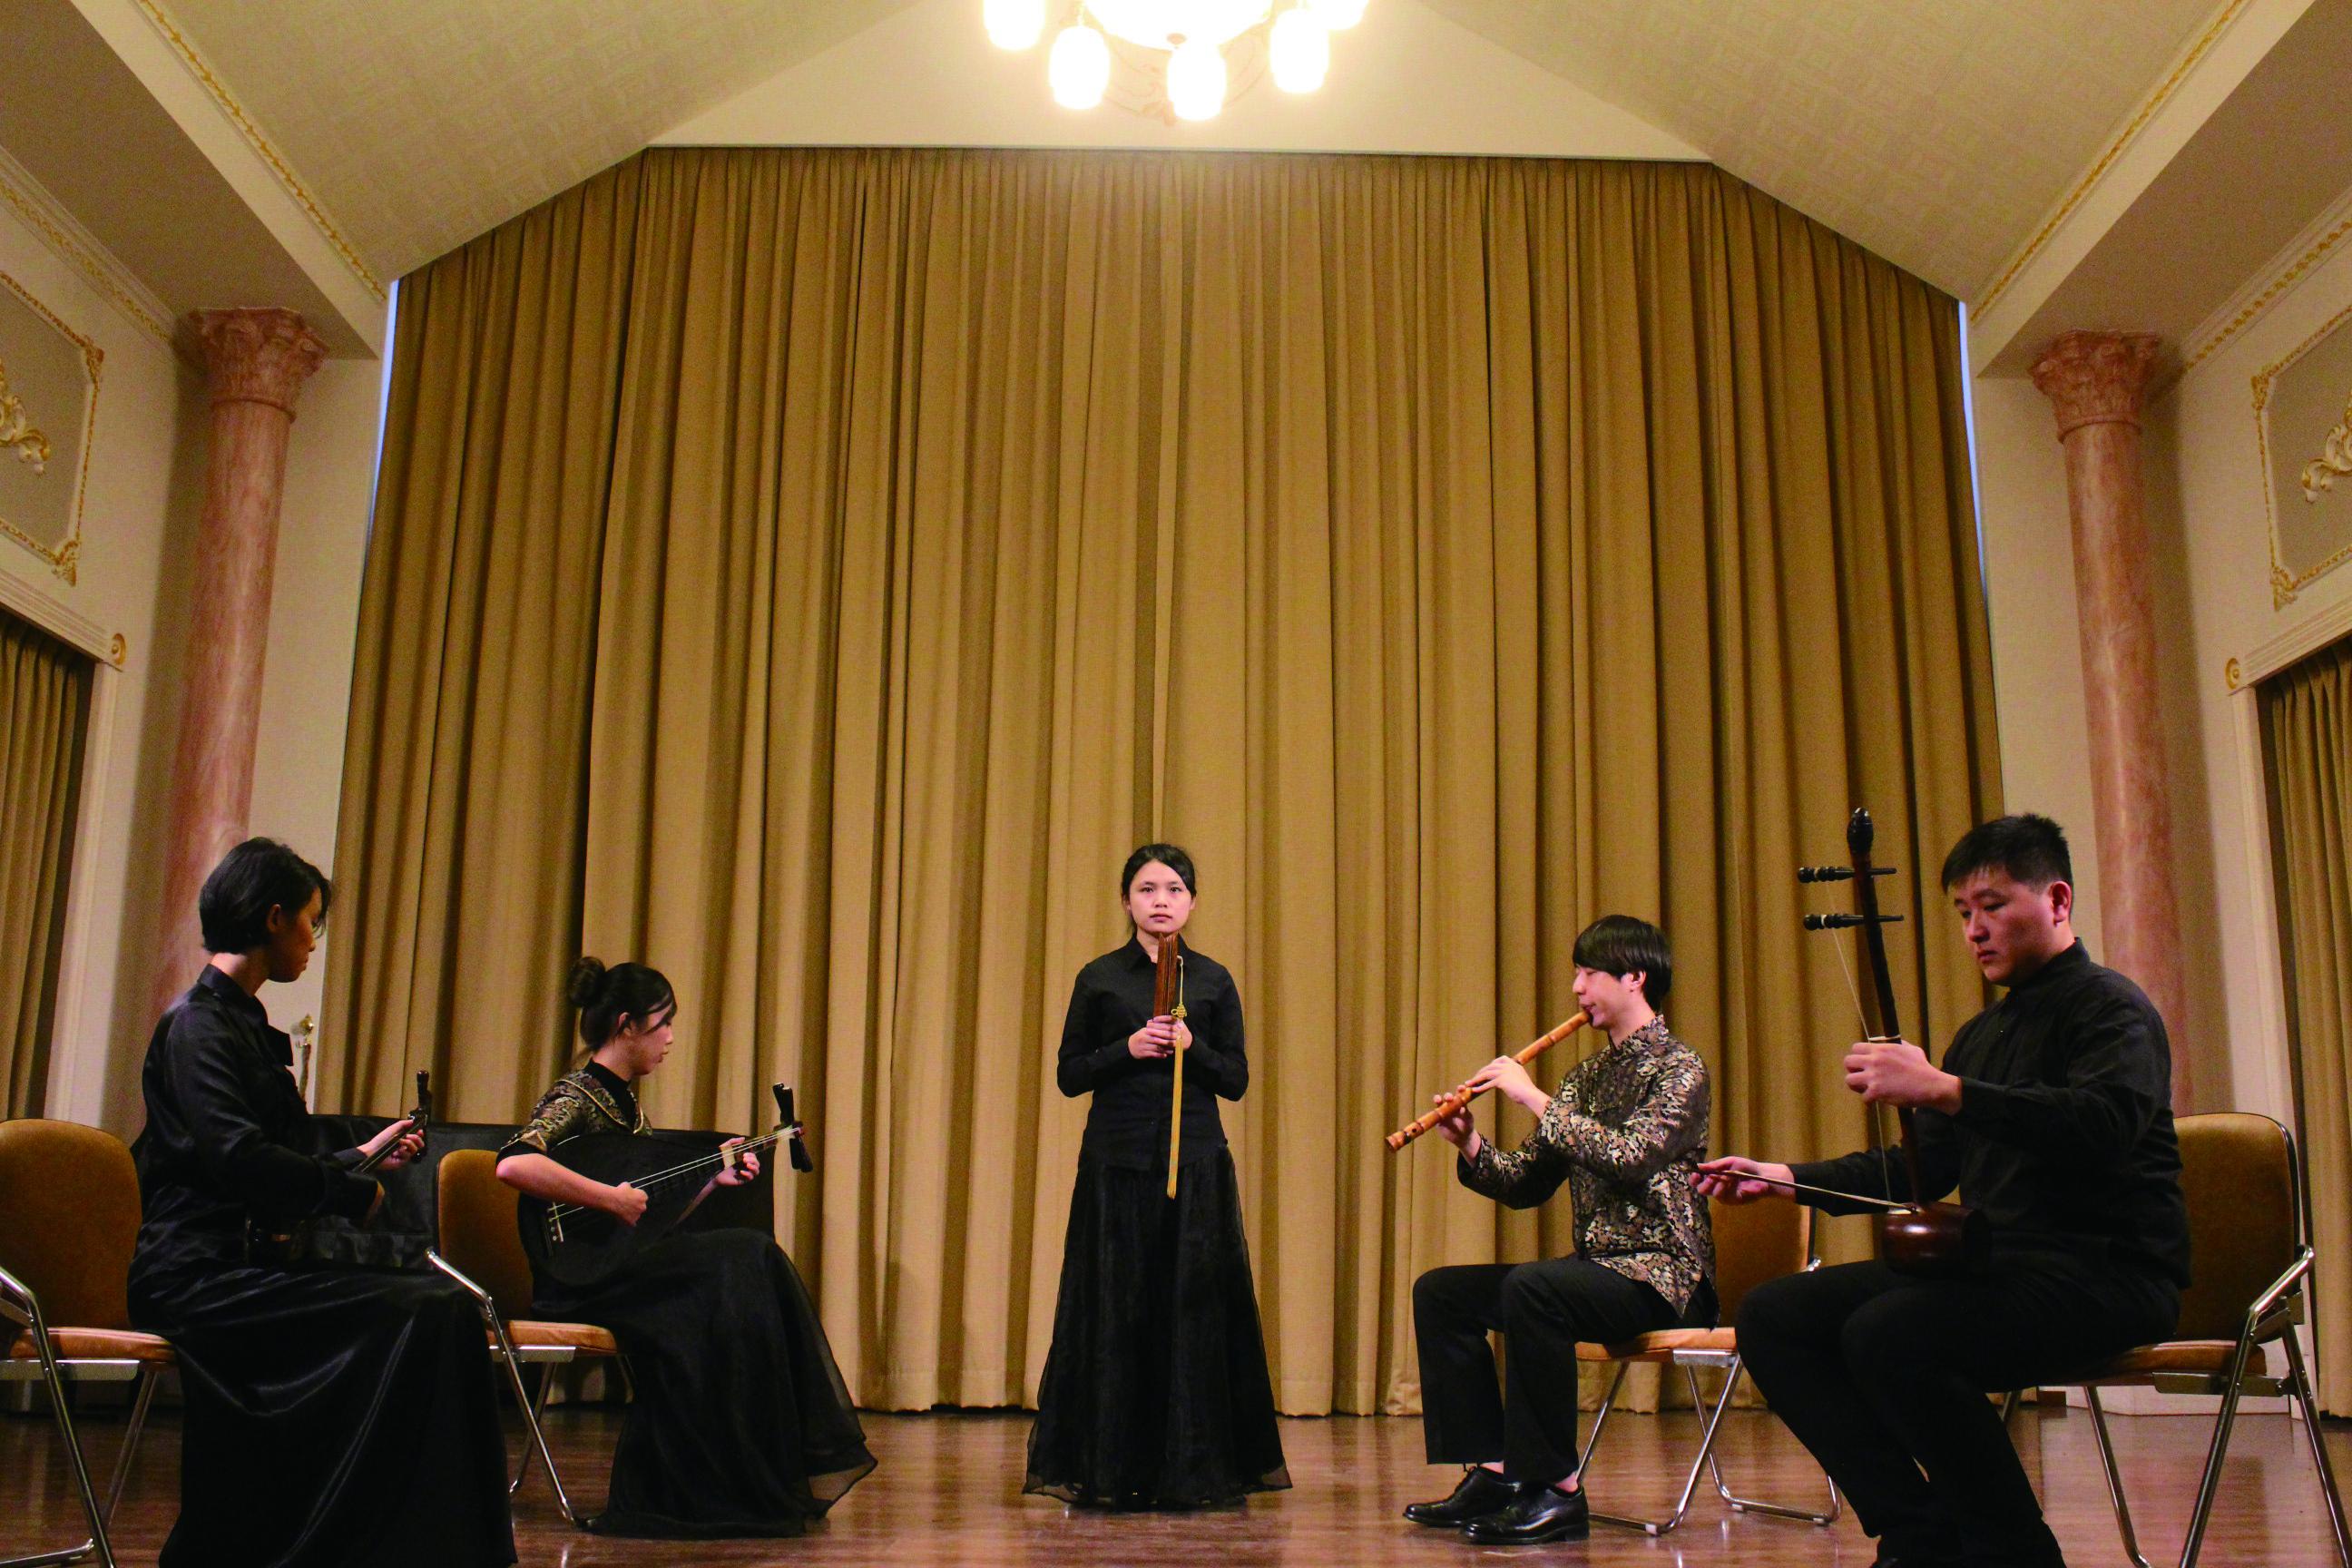 圖3傳統音樂在漢族社會生活中,扮演極具重要的功能與社群意義,圖為南管上四管演出。(國立臺北藝術大學傳統音樂學系提供).JPG